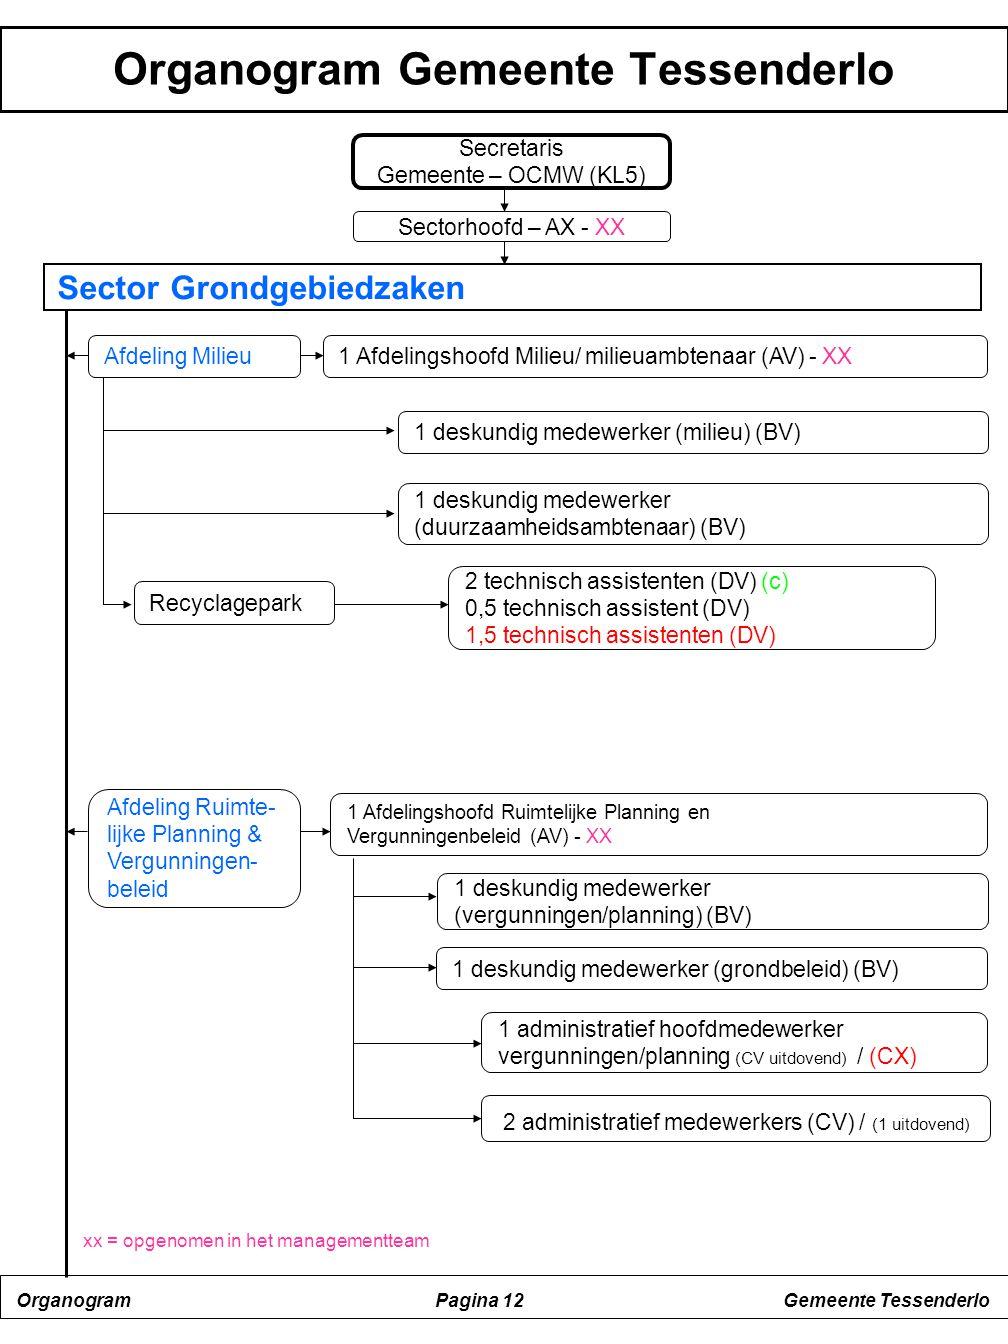 Organogram Gemeente Tessenderlo